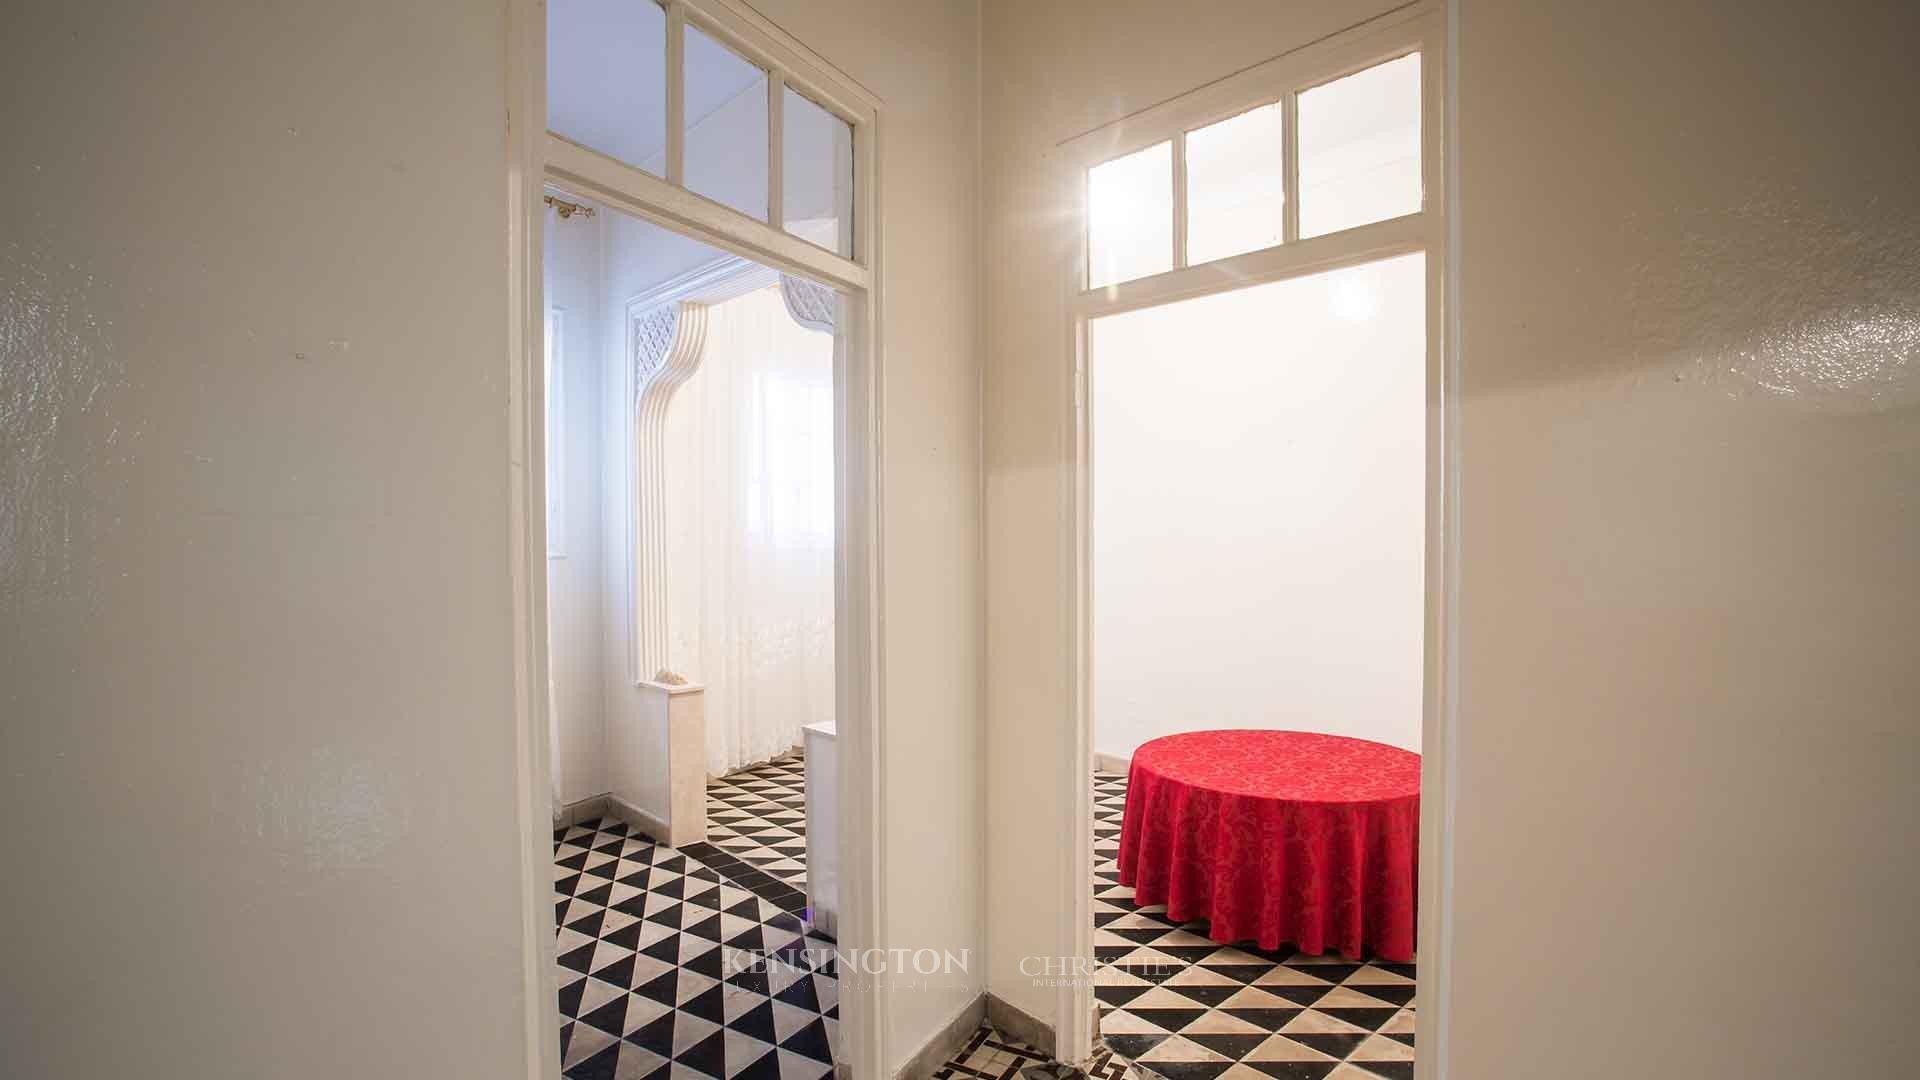 KPPM01167: Immeuble Bogota Immeuble Tanger Maroc